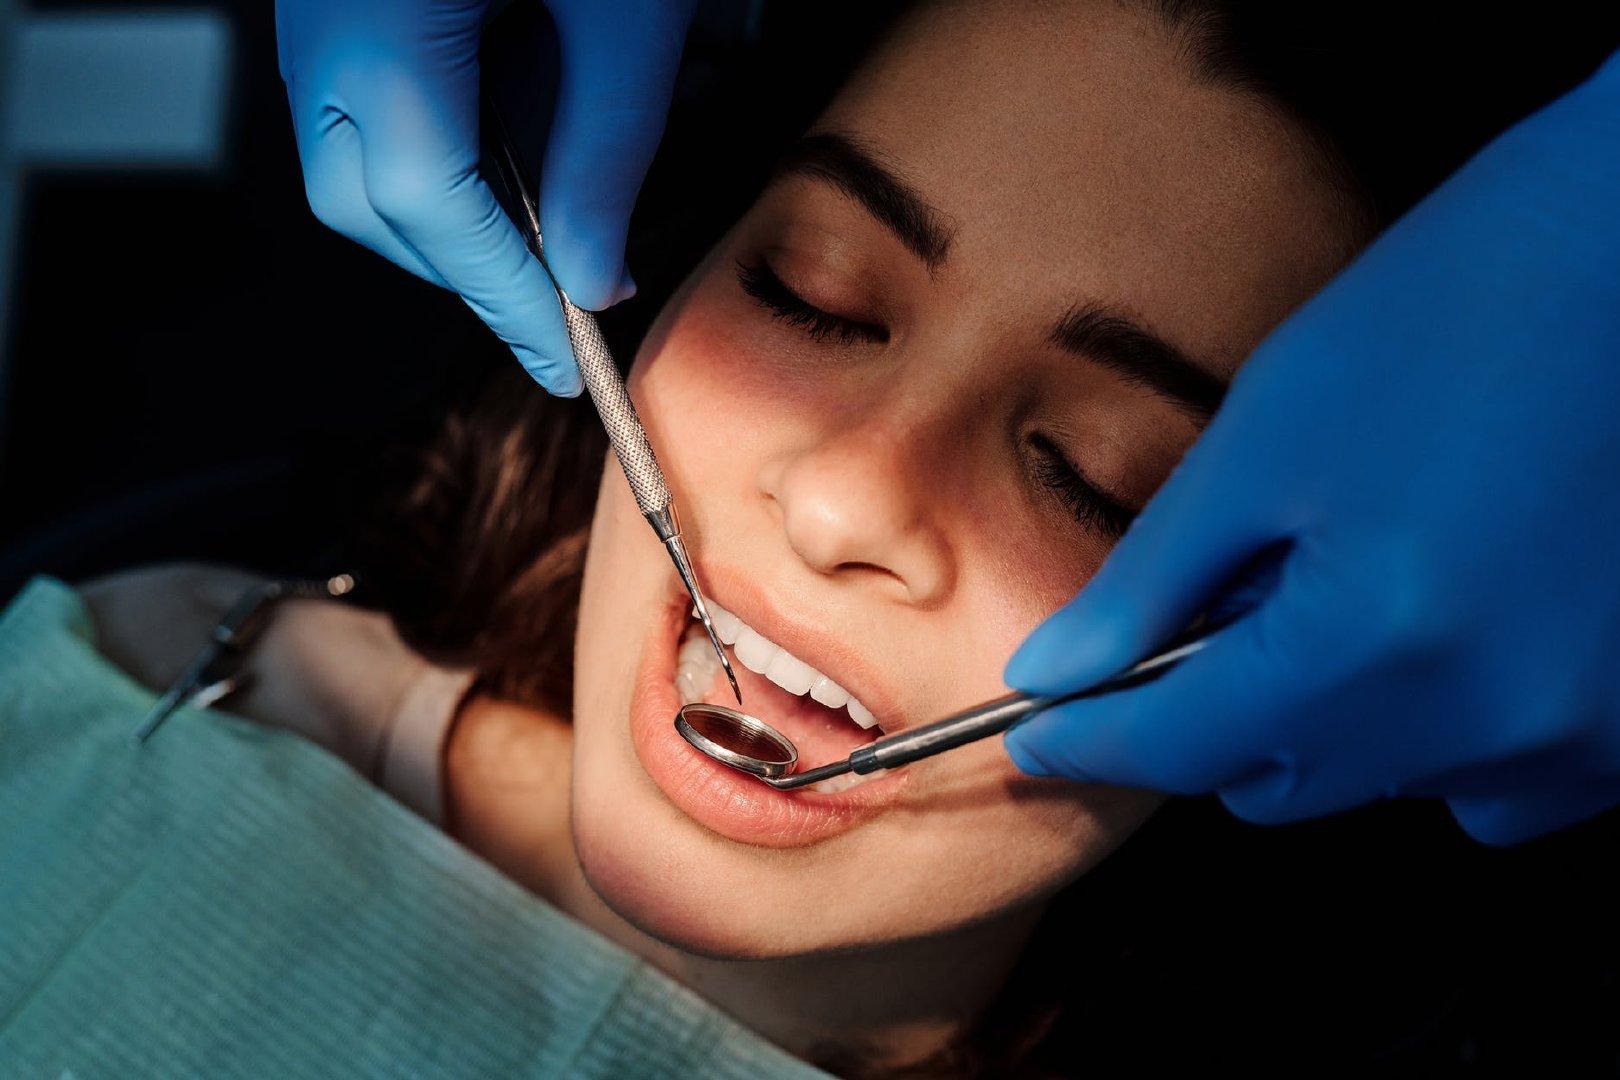 蛀牙的新救星?「以牙还牙」的仿生技术让自行牙齿重生!插图(3)